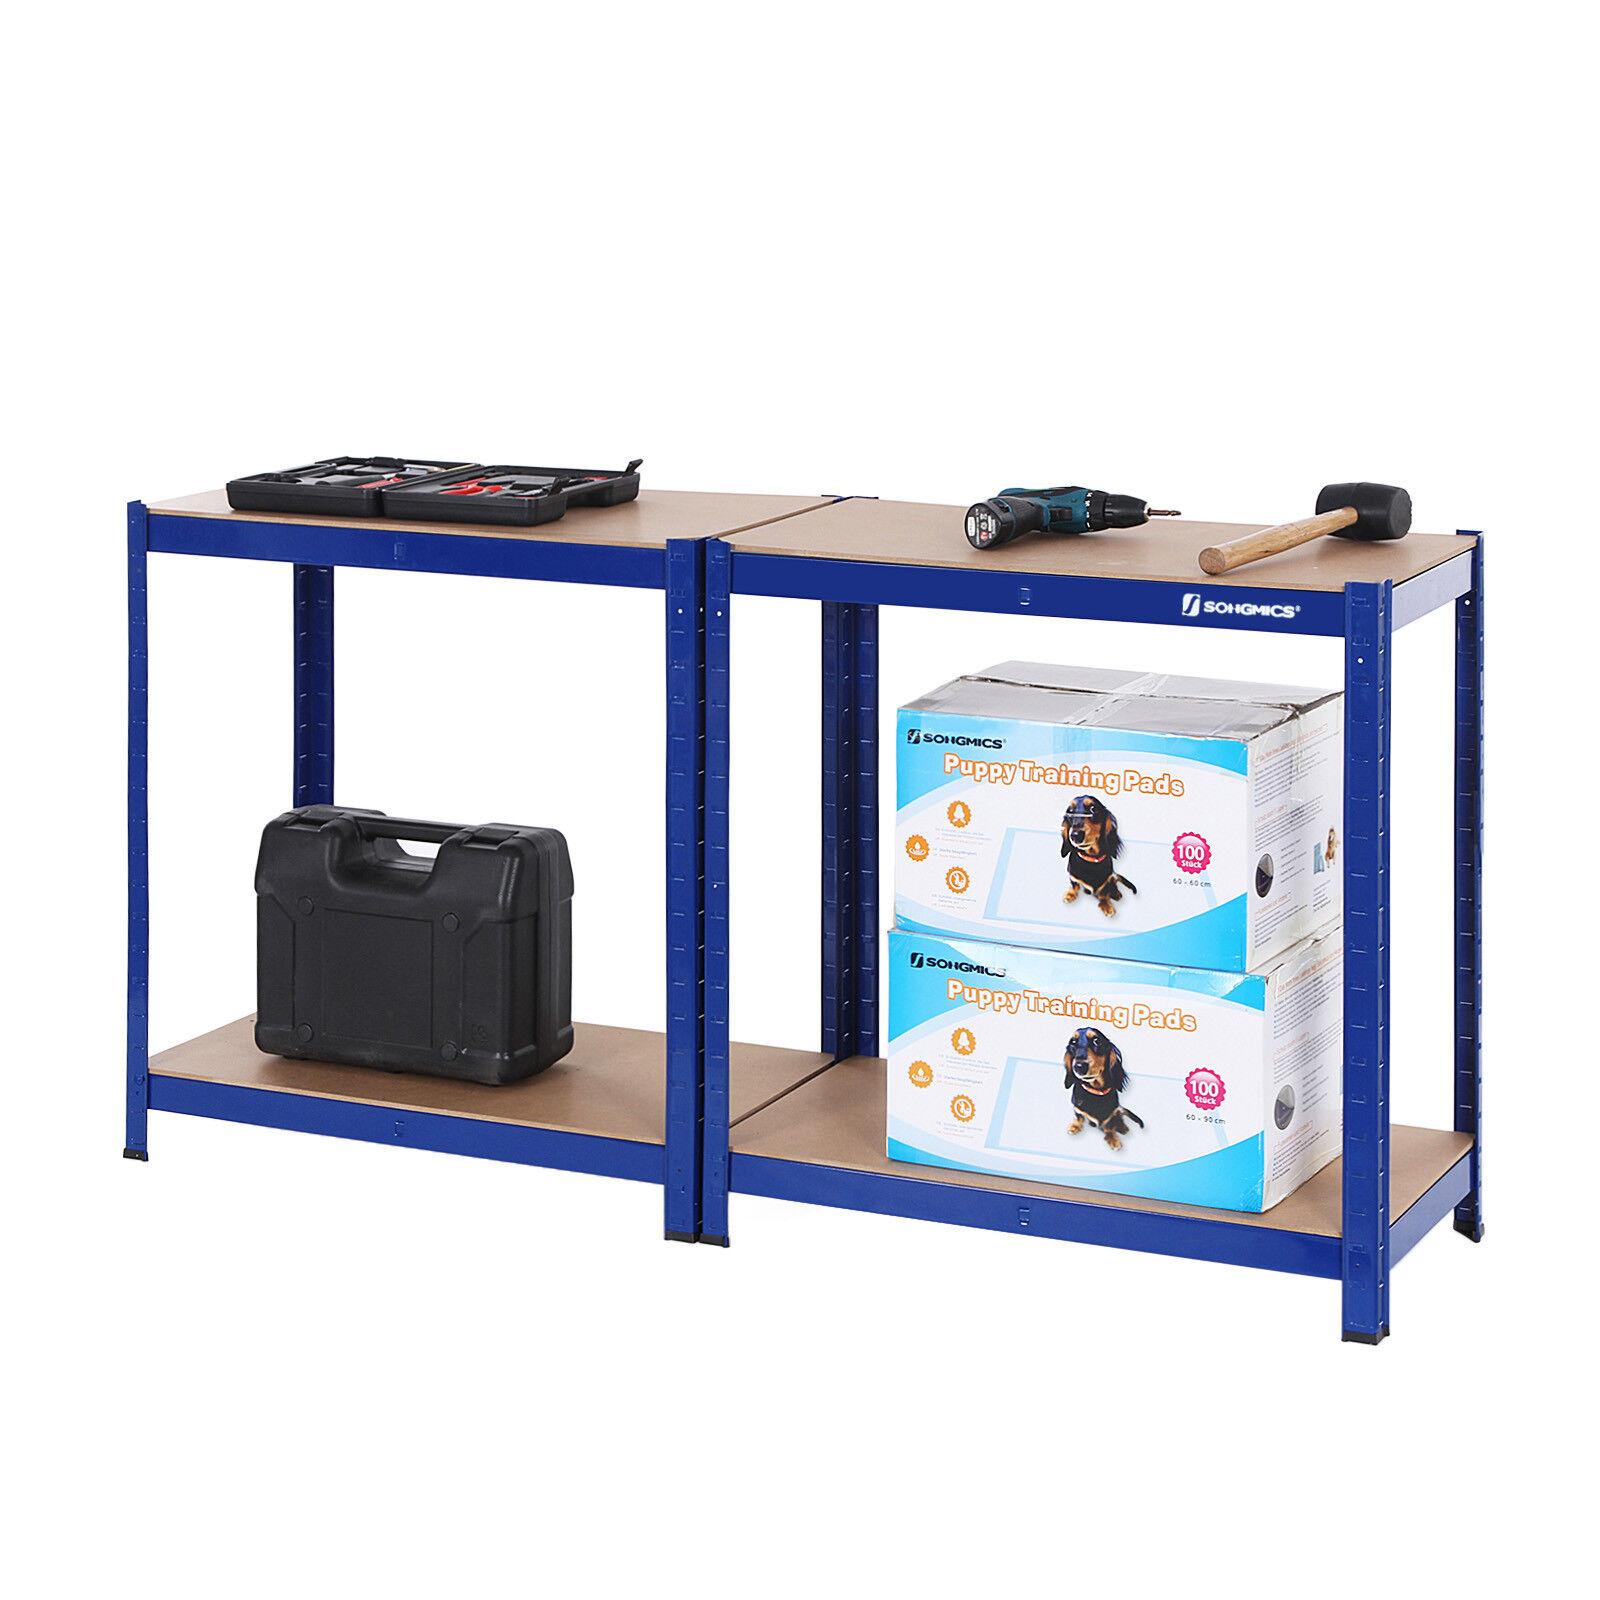 Estante de almacenamiento almacenamiento almacenamiento estantes apilables pesados estante para taller de estante para sótano estante estante del sistema a796ae